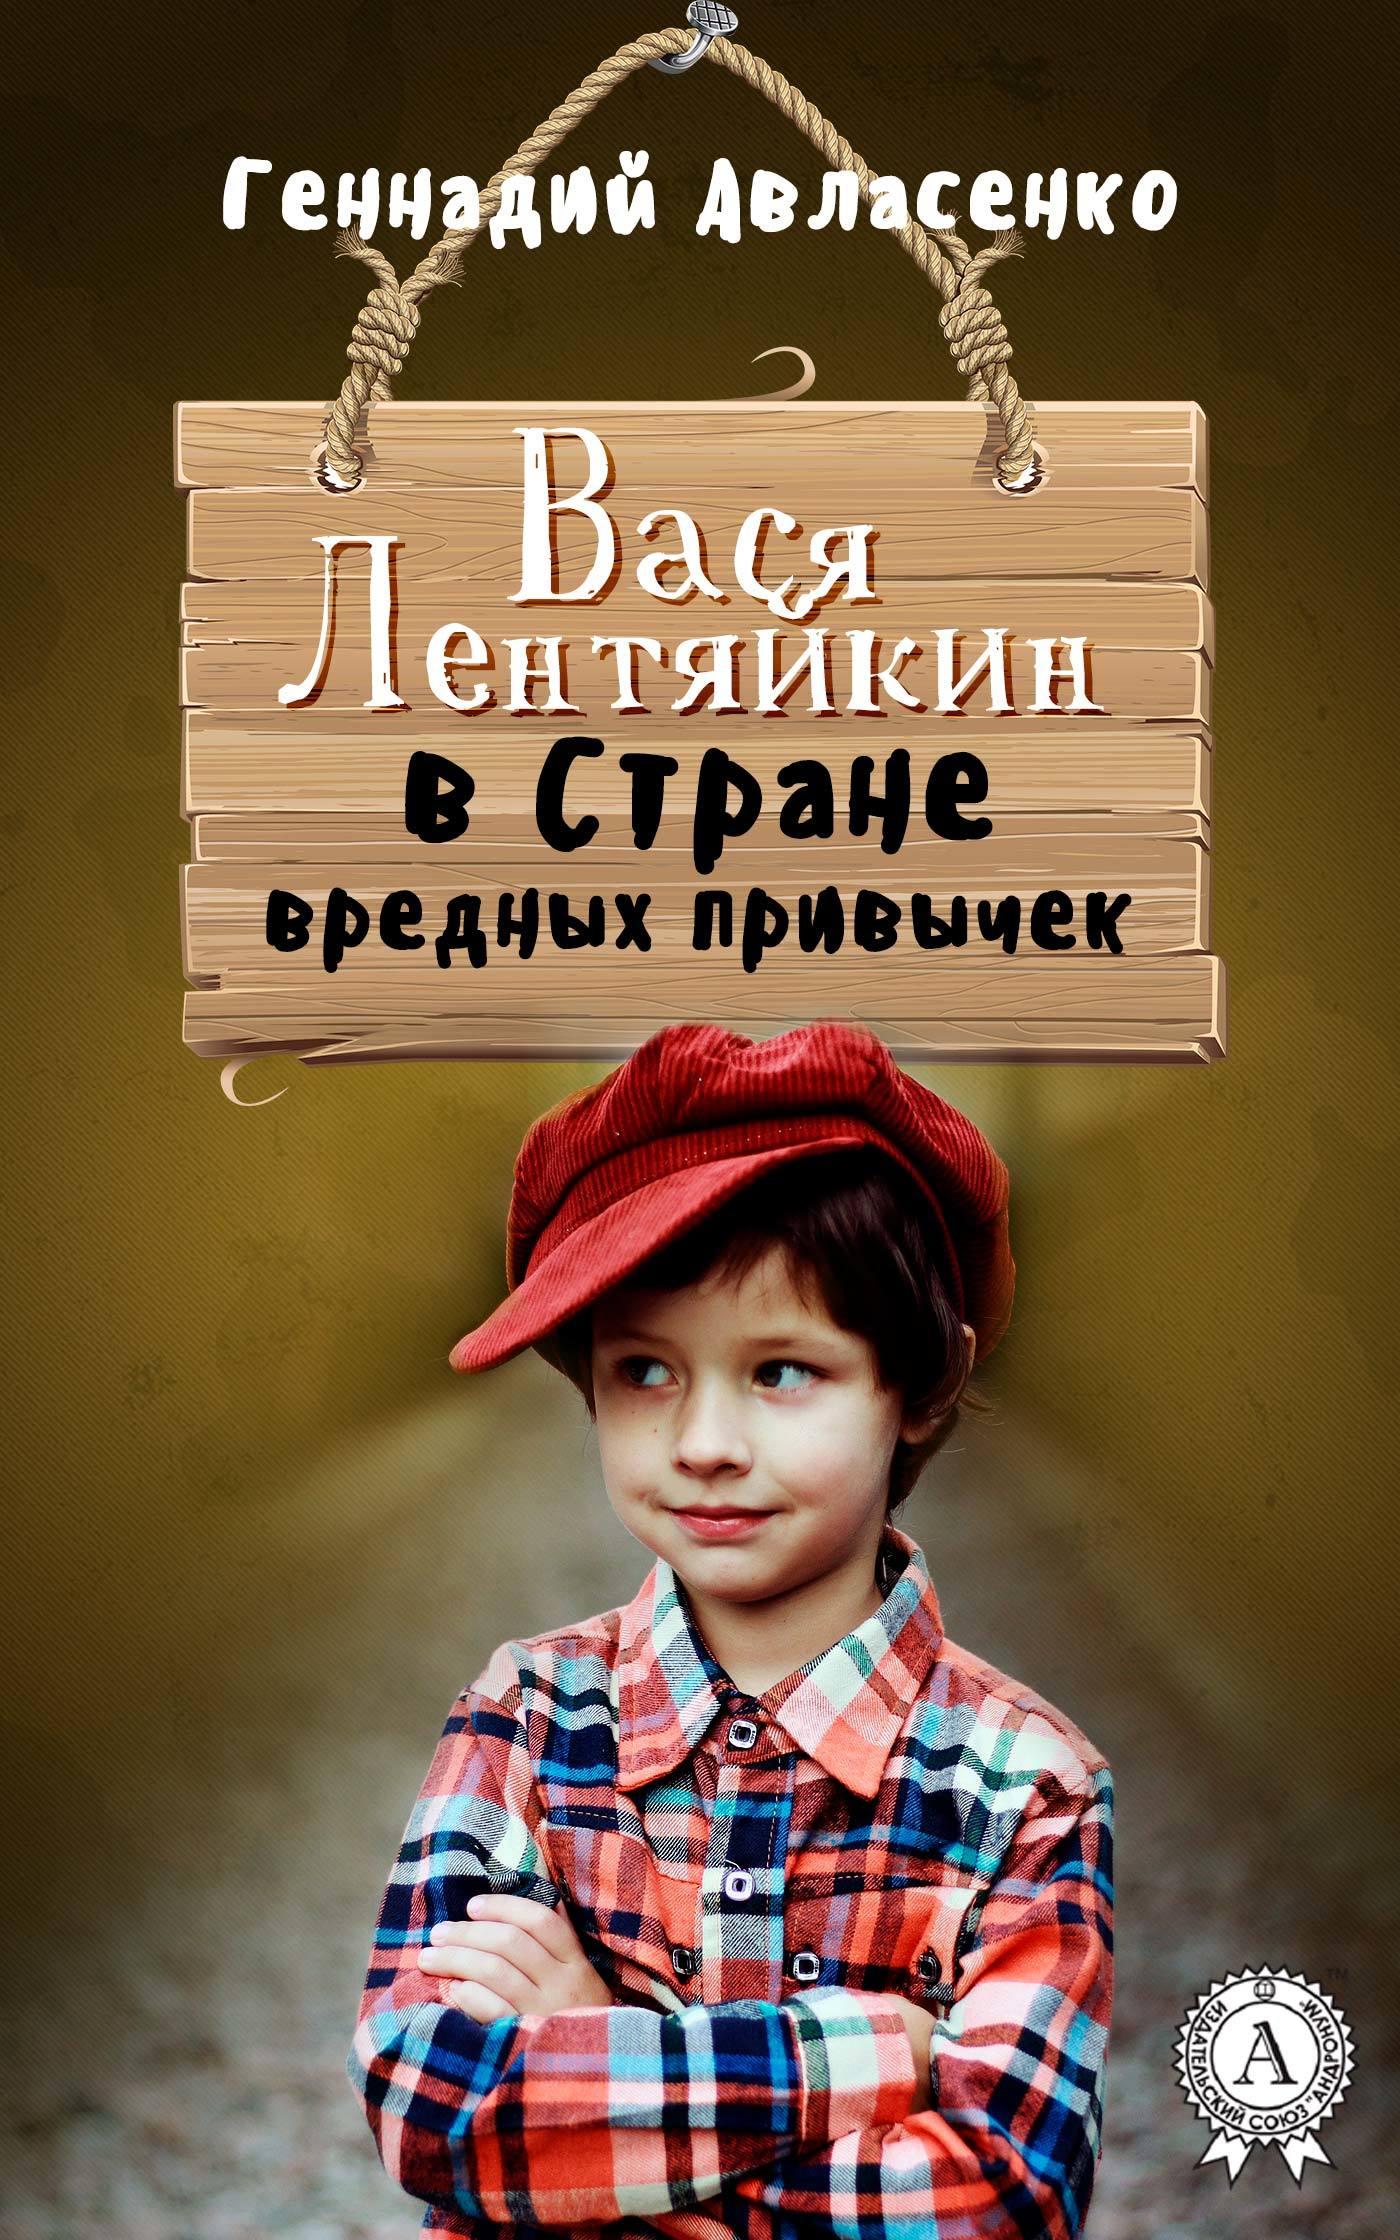 Вася Лентяйкин в Стране вредных привычек